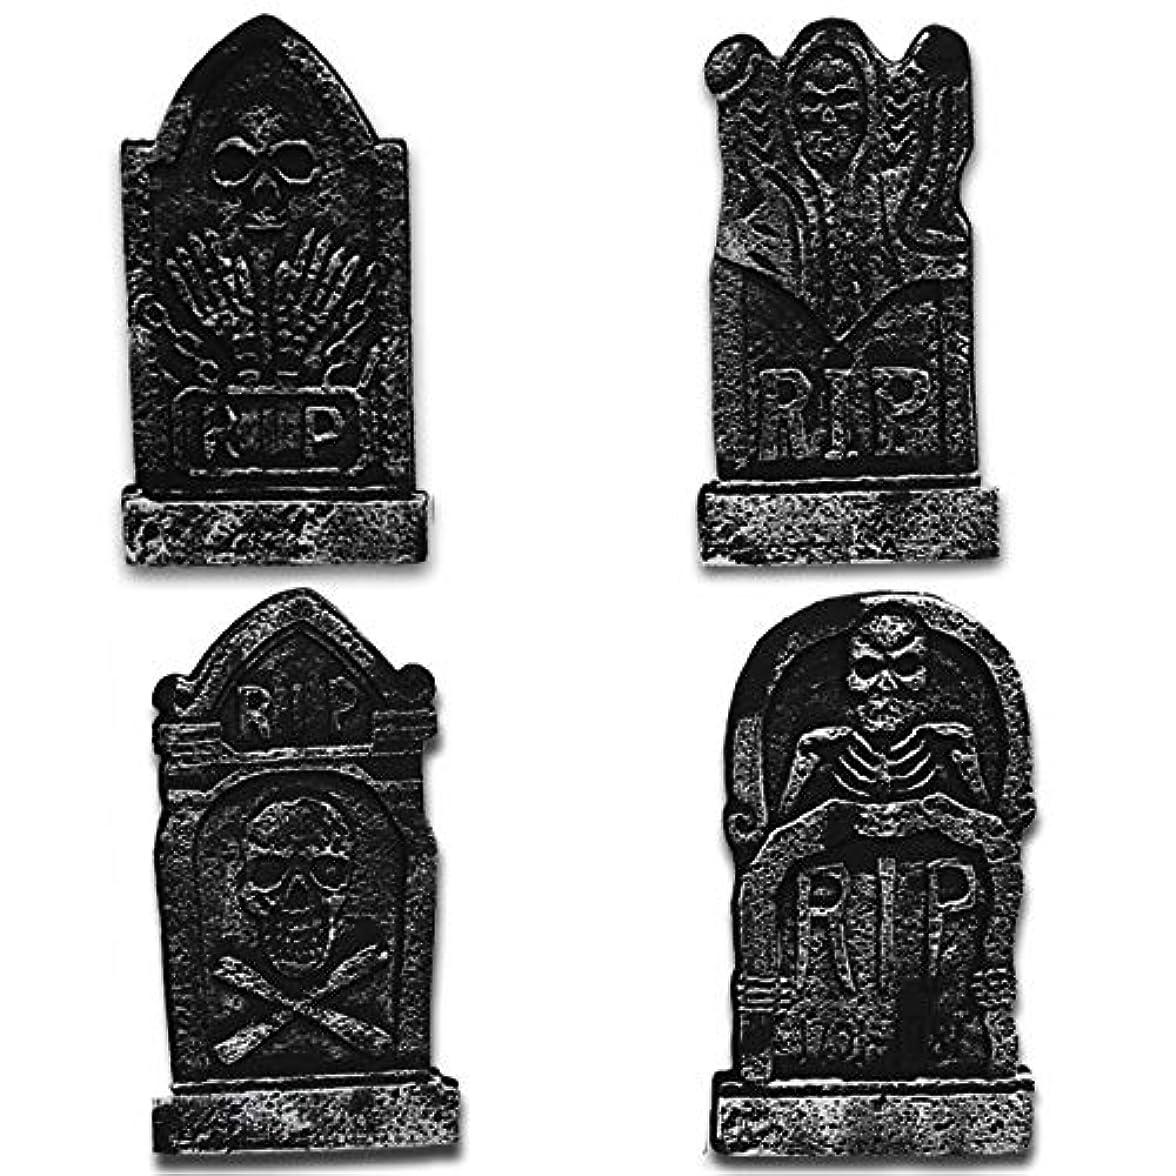 近く伝えるゲートウェイETRRUU HOME 4ピース三次元墓石ハロウィーン装飾バーお化け屋敷の秘密の部屋怖い装飾パーティー雰囲気レイアウト小道具